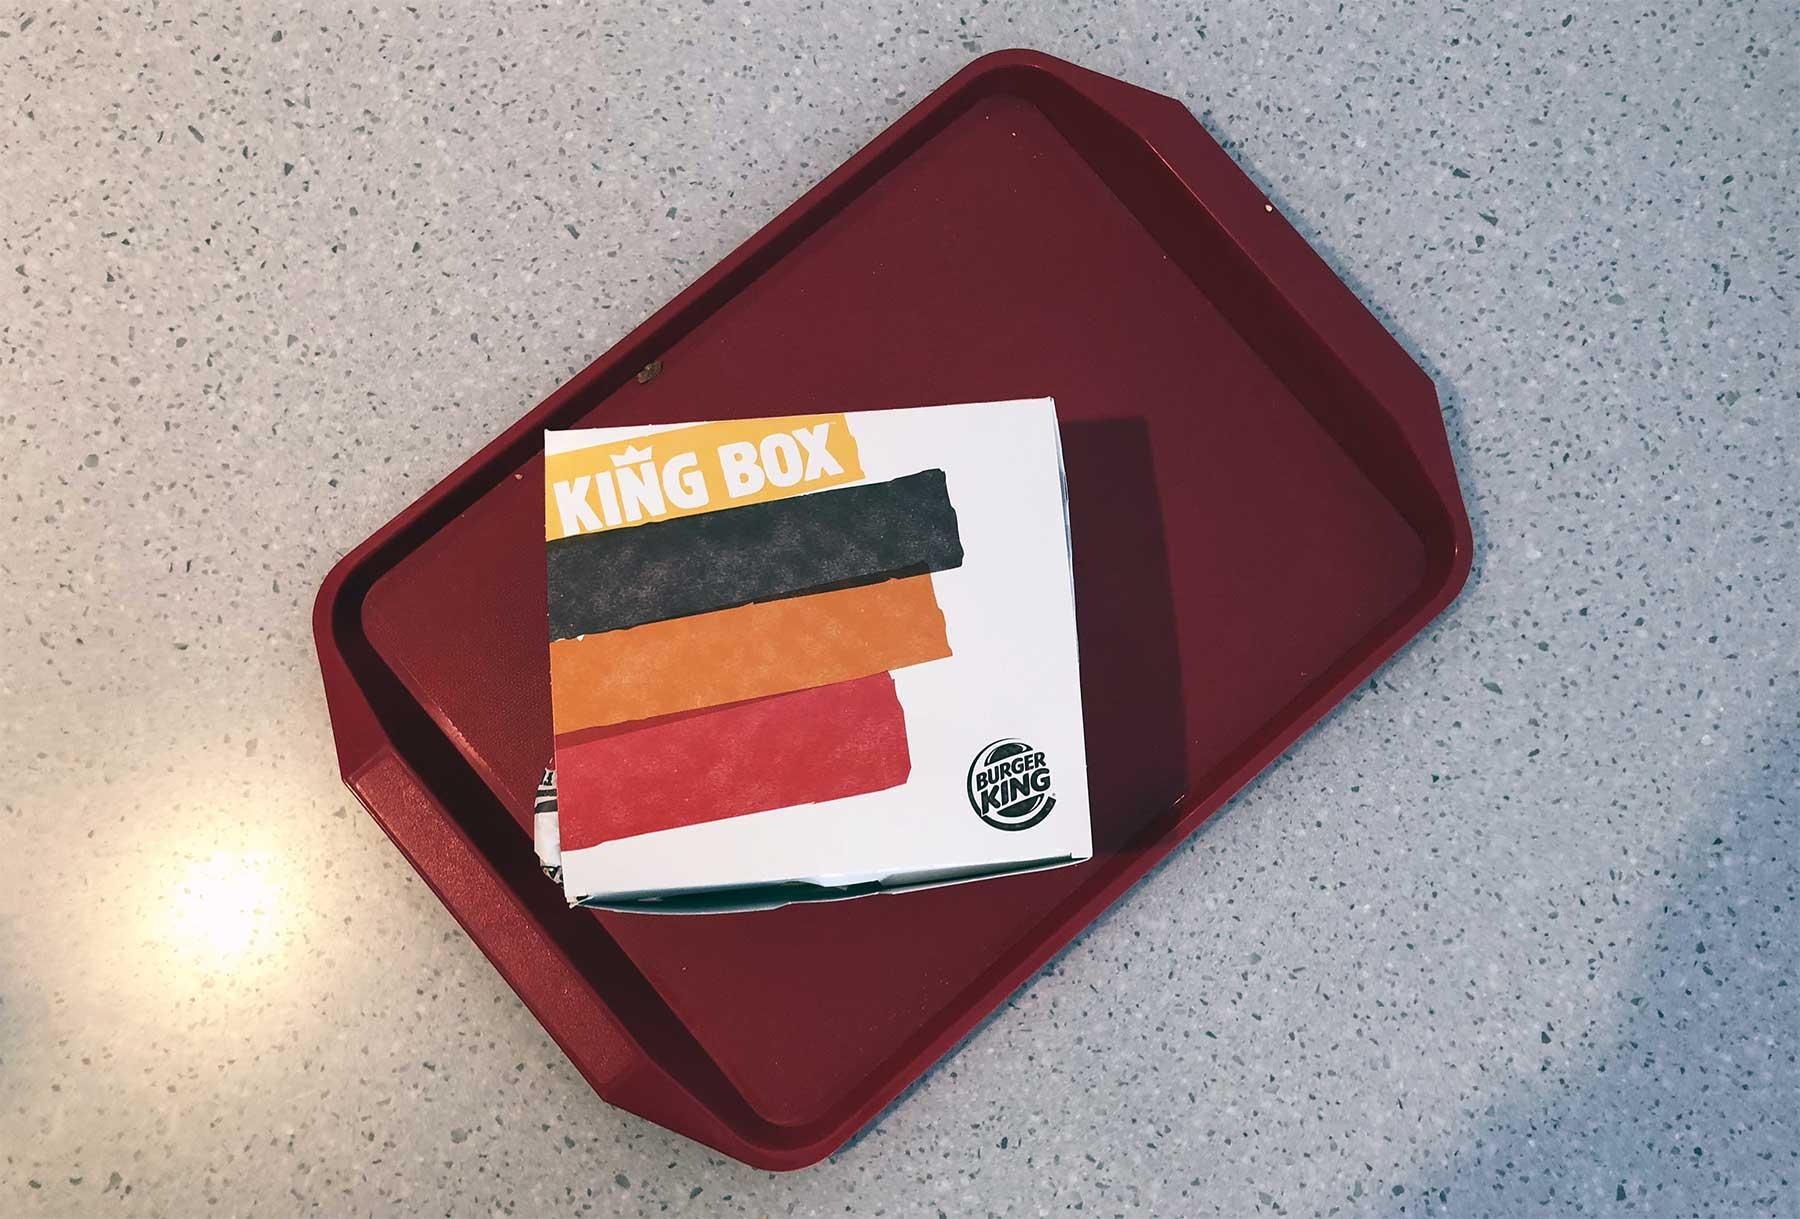 Neu und getestet: Die KING BOX von BURGER KING BURGER-KING-KING-BOX-Test_04